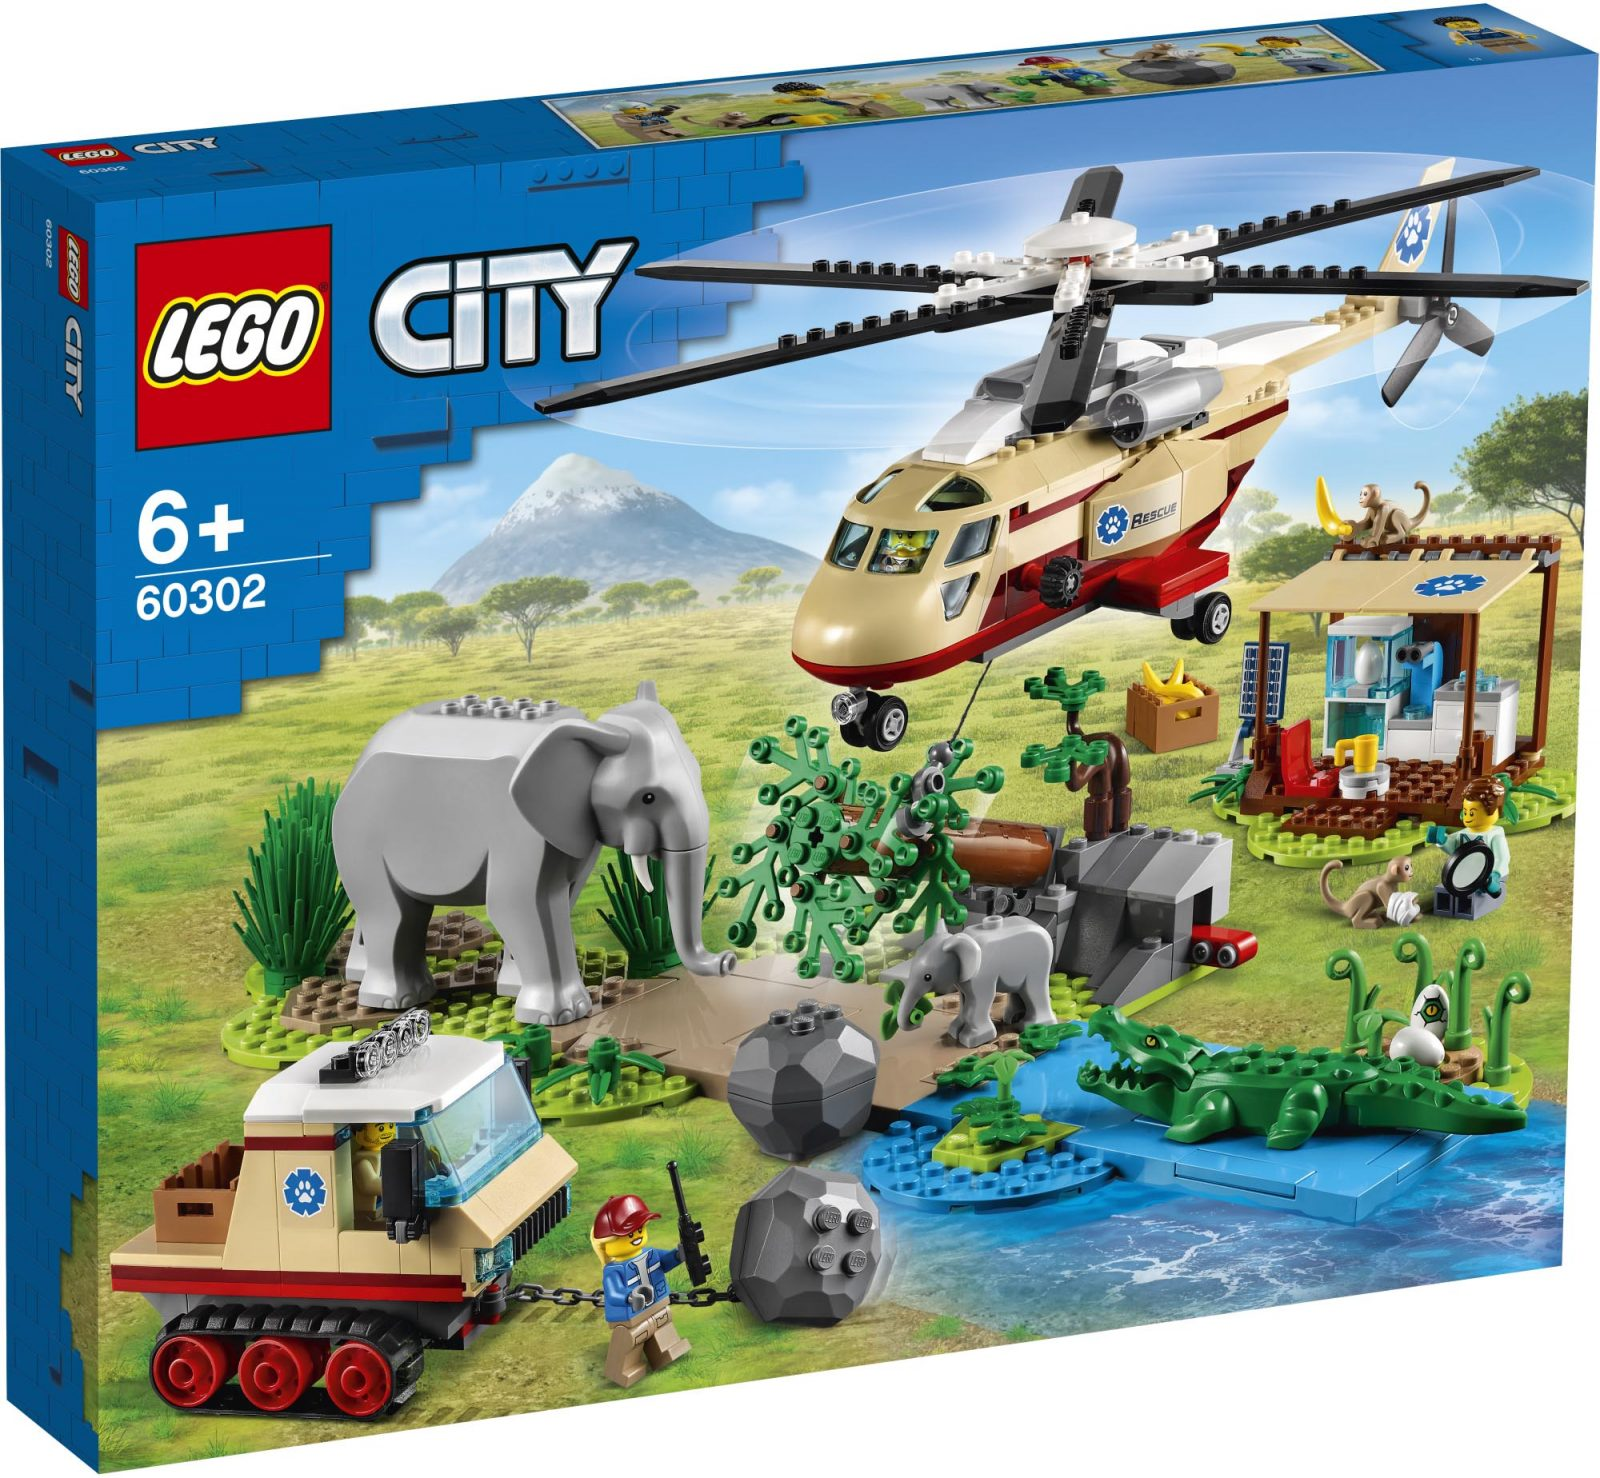 LEGO City Wildlife